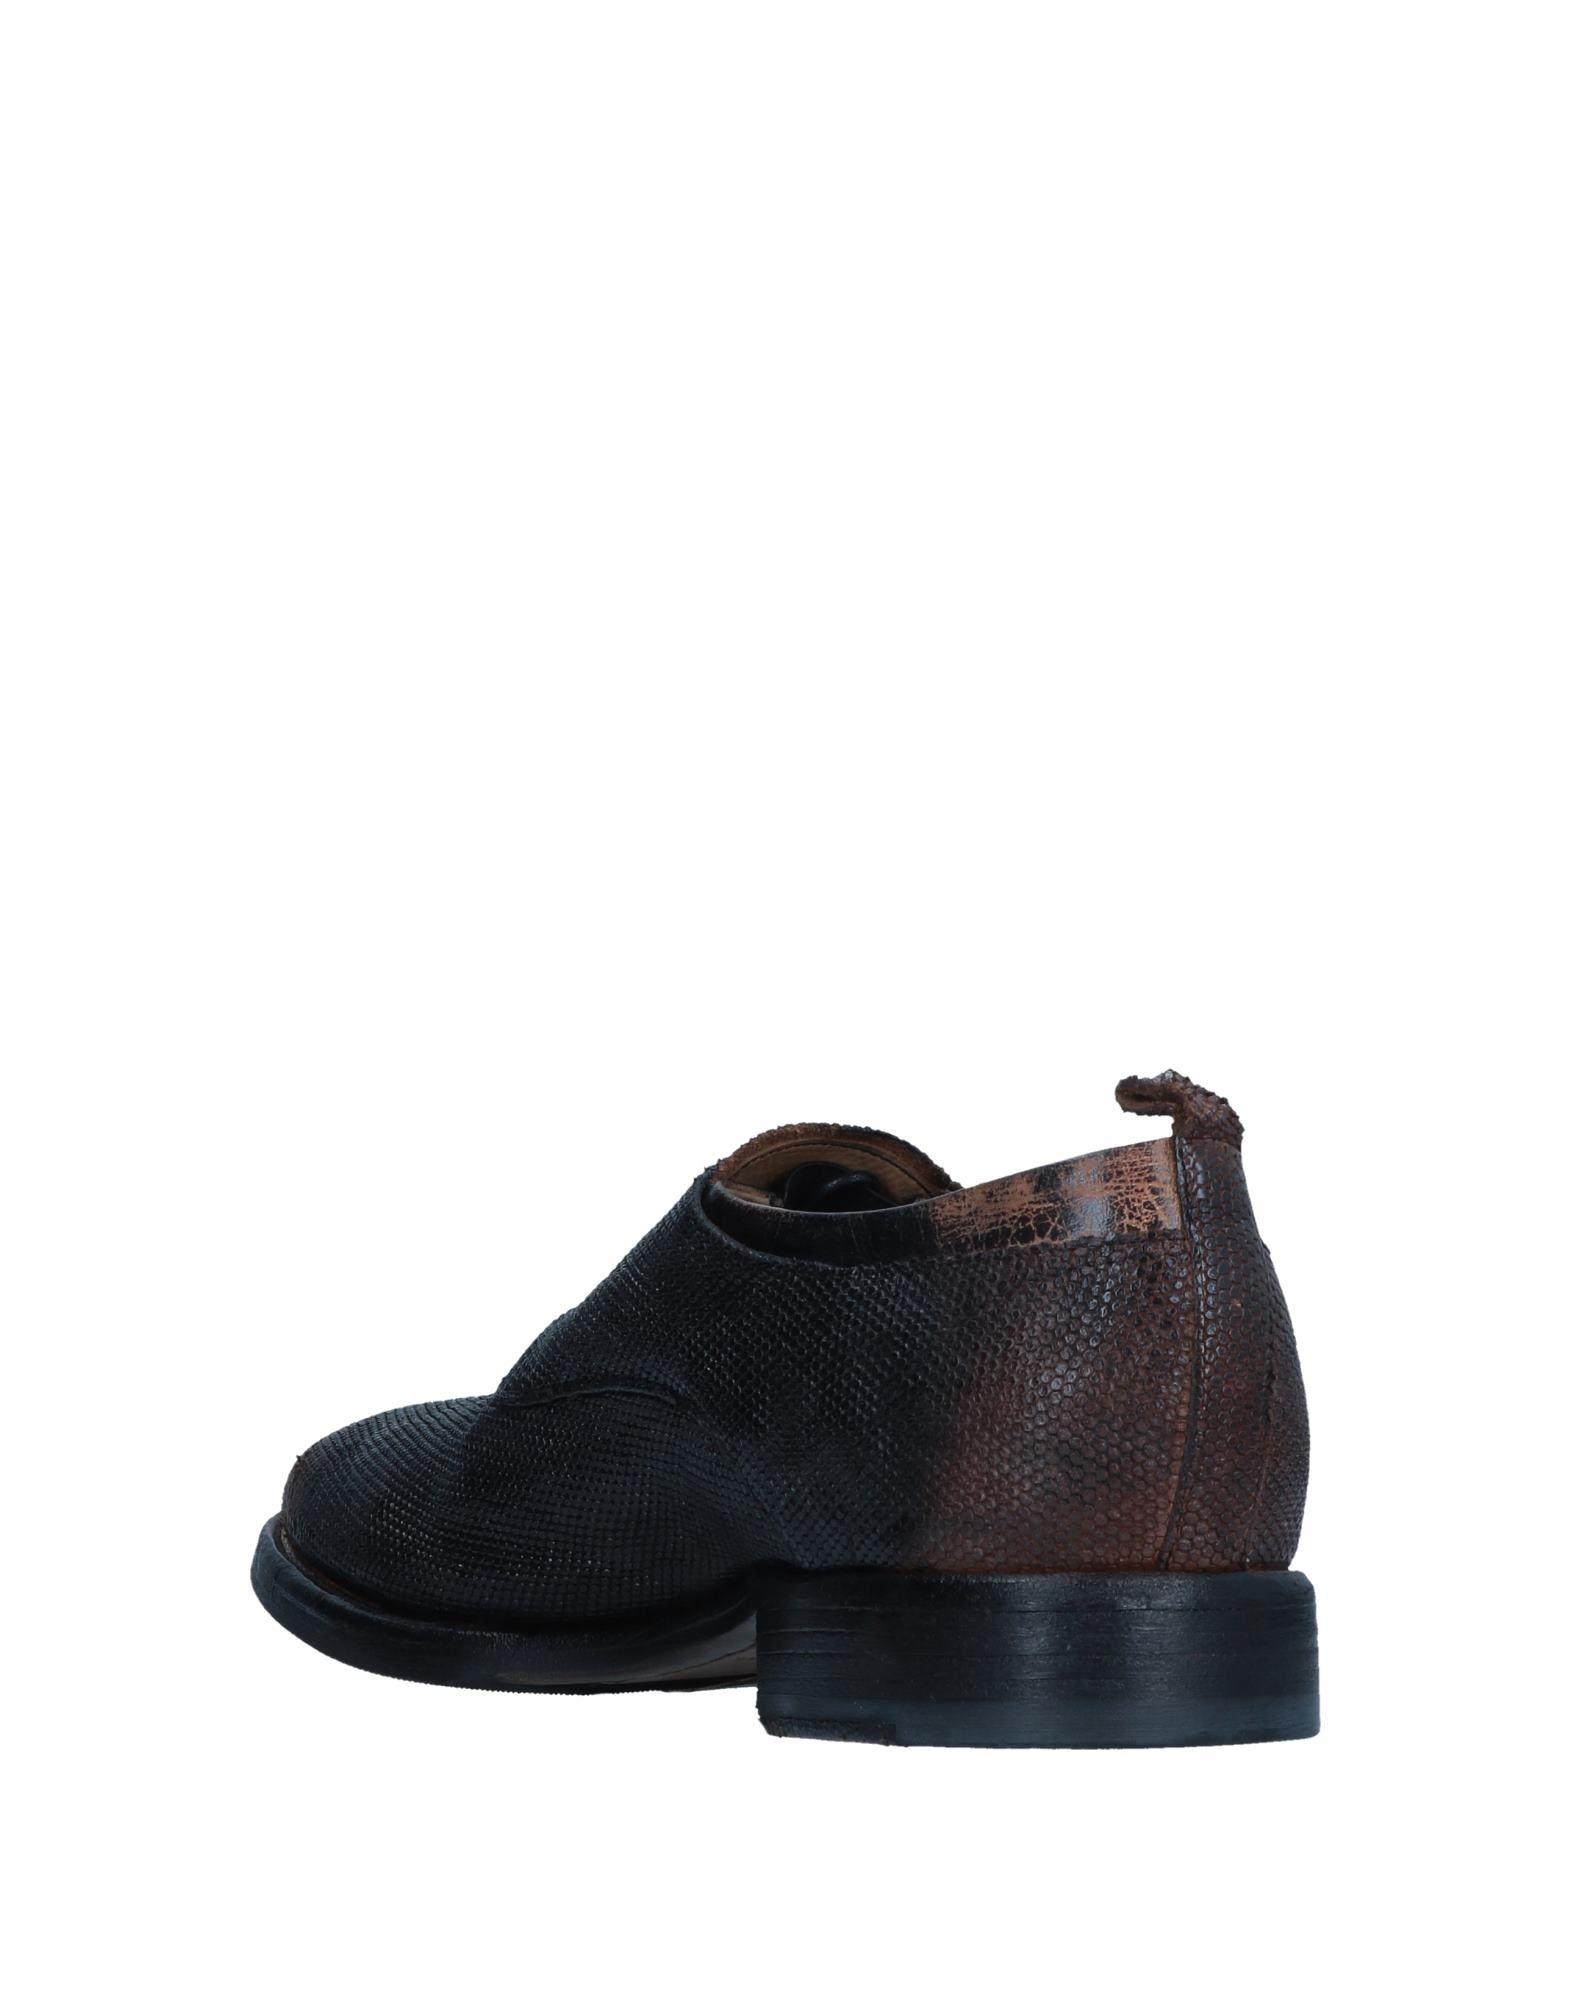 Sartori Gold Schnürschuhe Herren  11546768QG Gute Qualität beliebte Schuhe